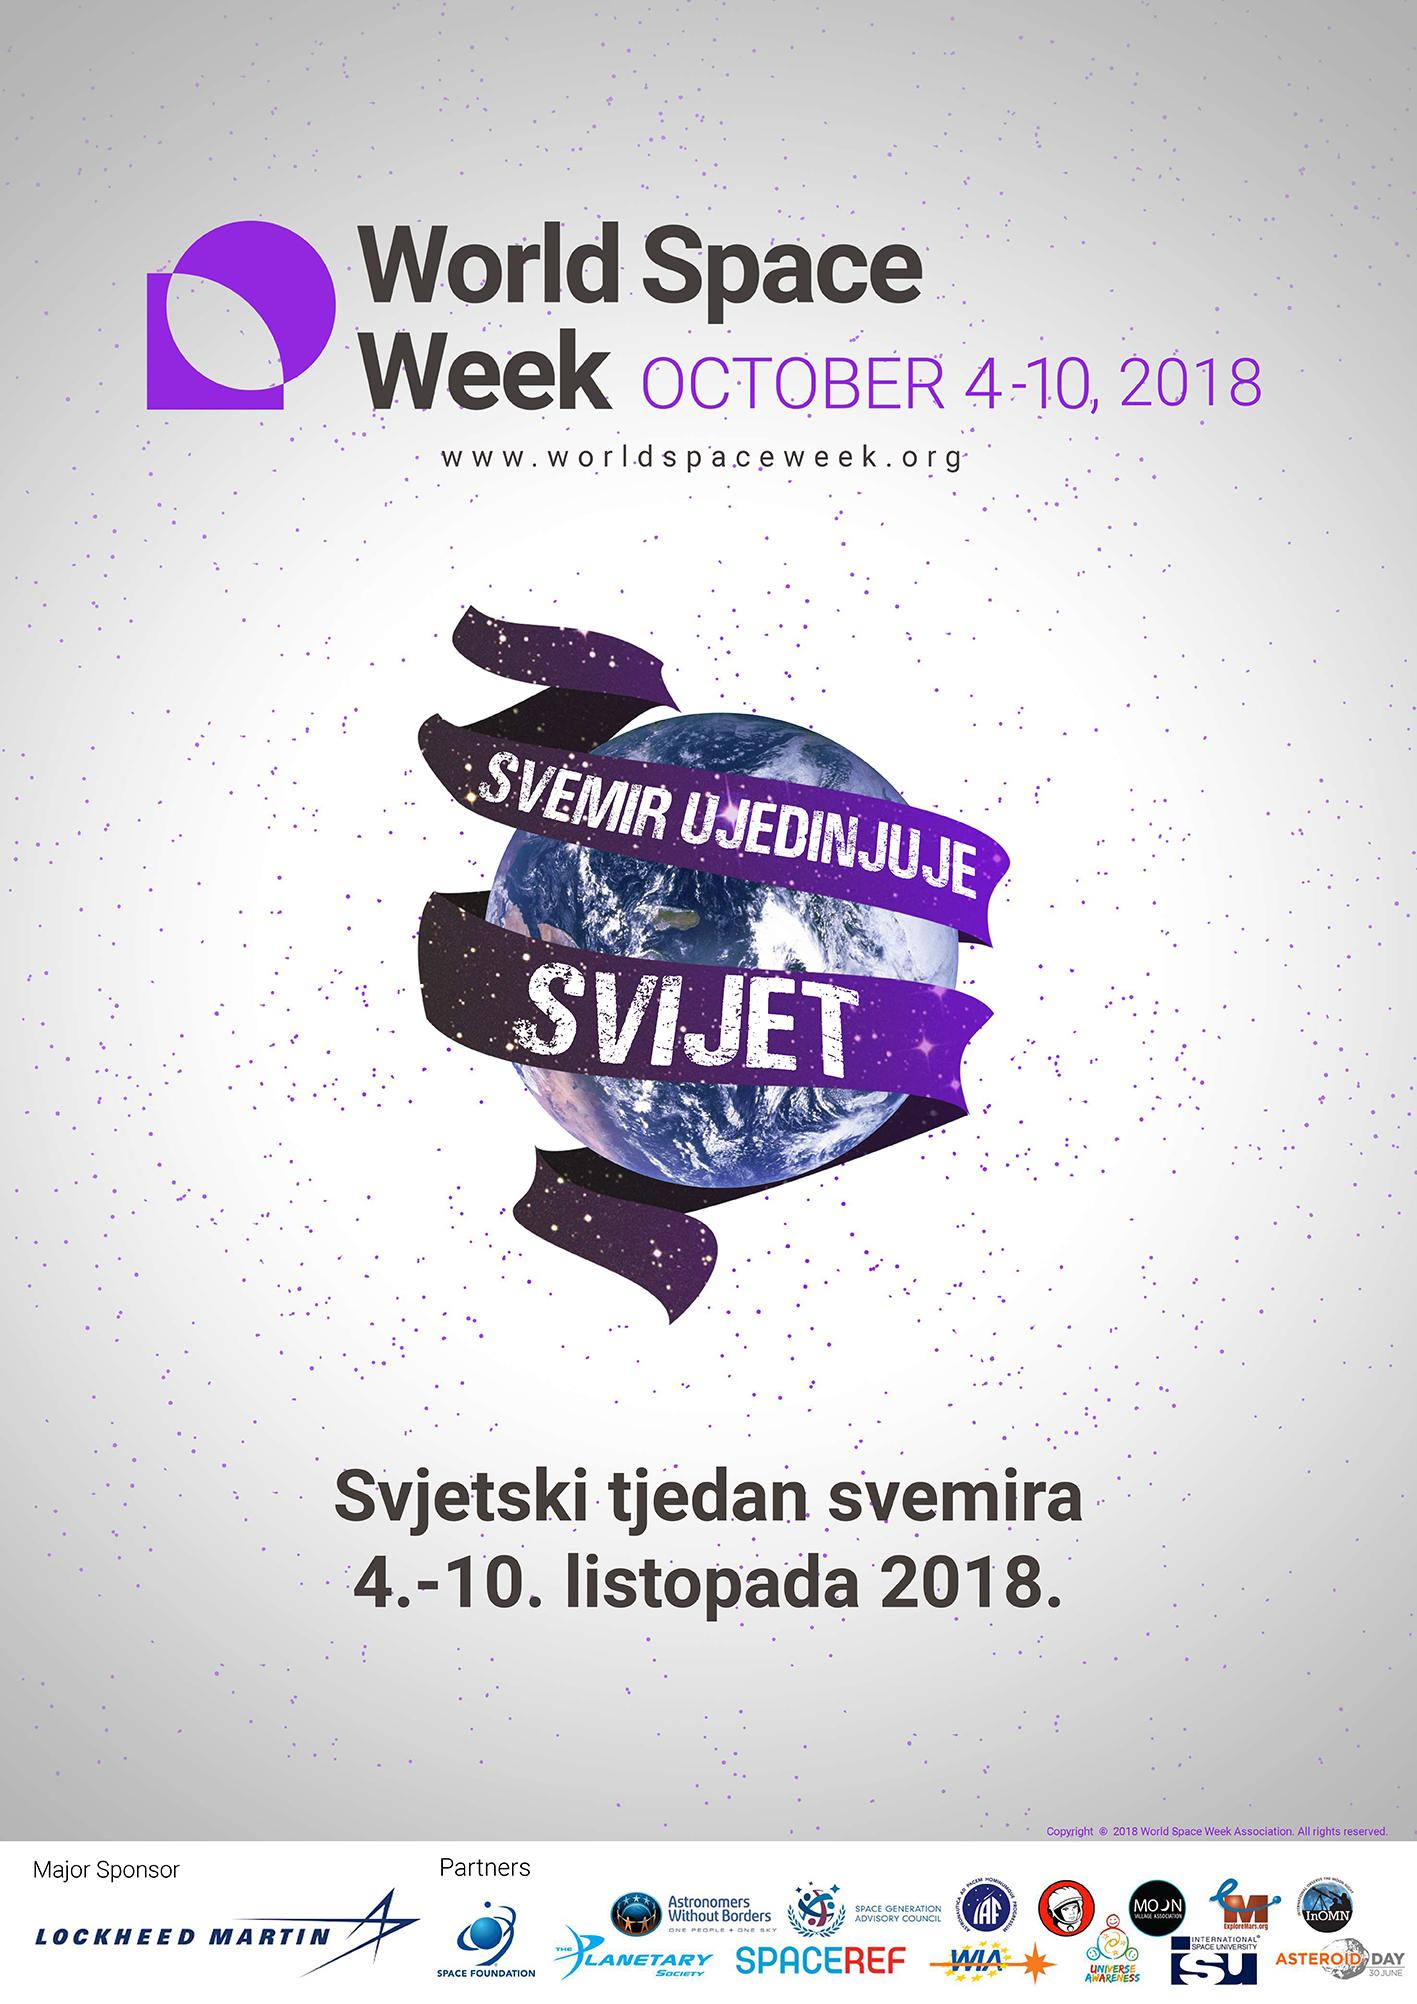 WSW @ Dizajnerica ft. Kul Pong Klub: Svemirski dnevnik / Space Blog 2018.